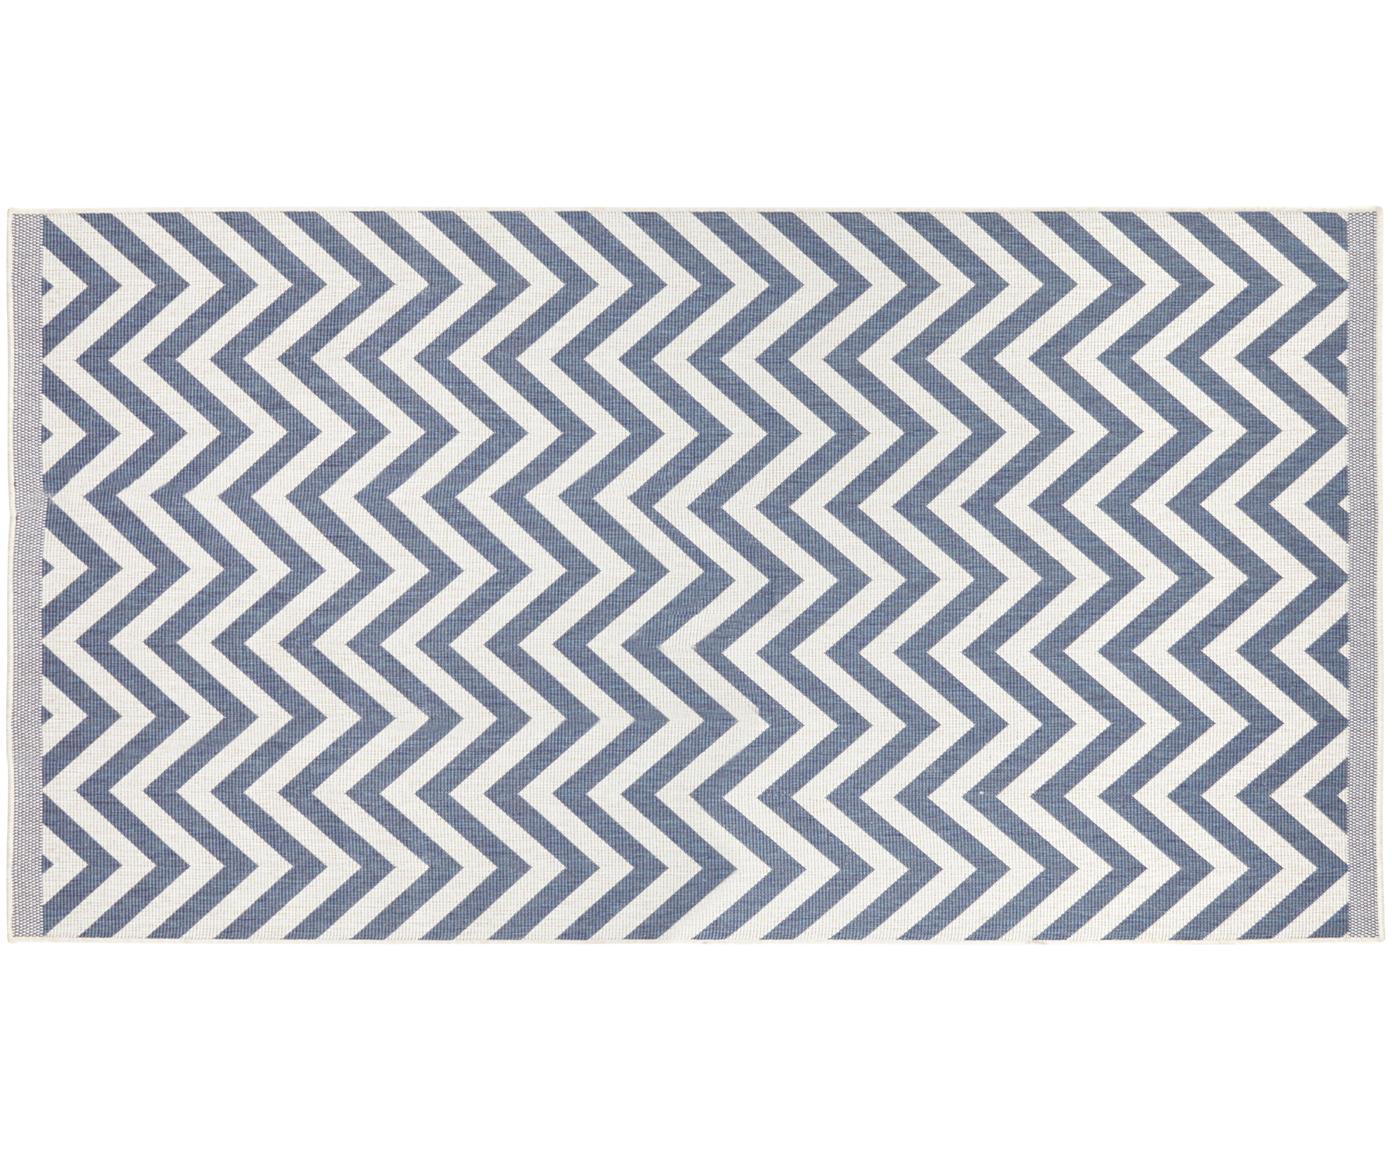 Alfombra reversible de interior/exterior Palma, Azul, crema, An 80 x L 150 cm (Tamaño XS)